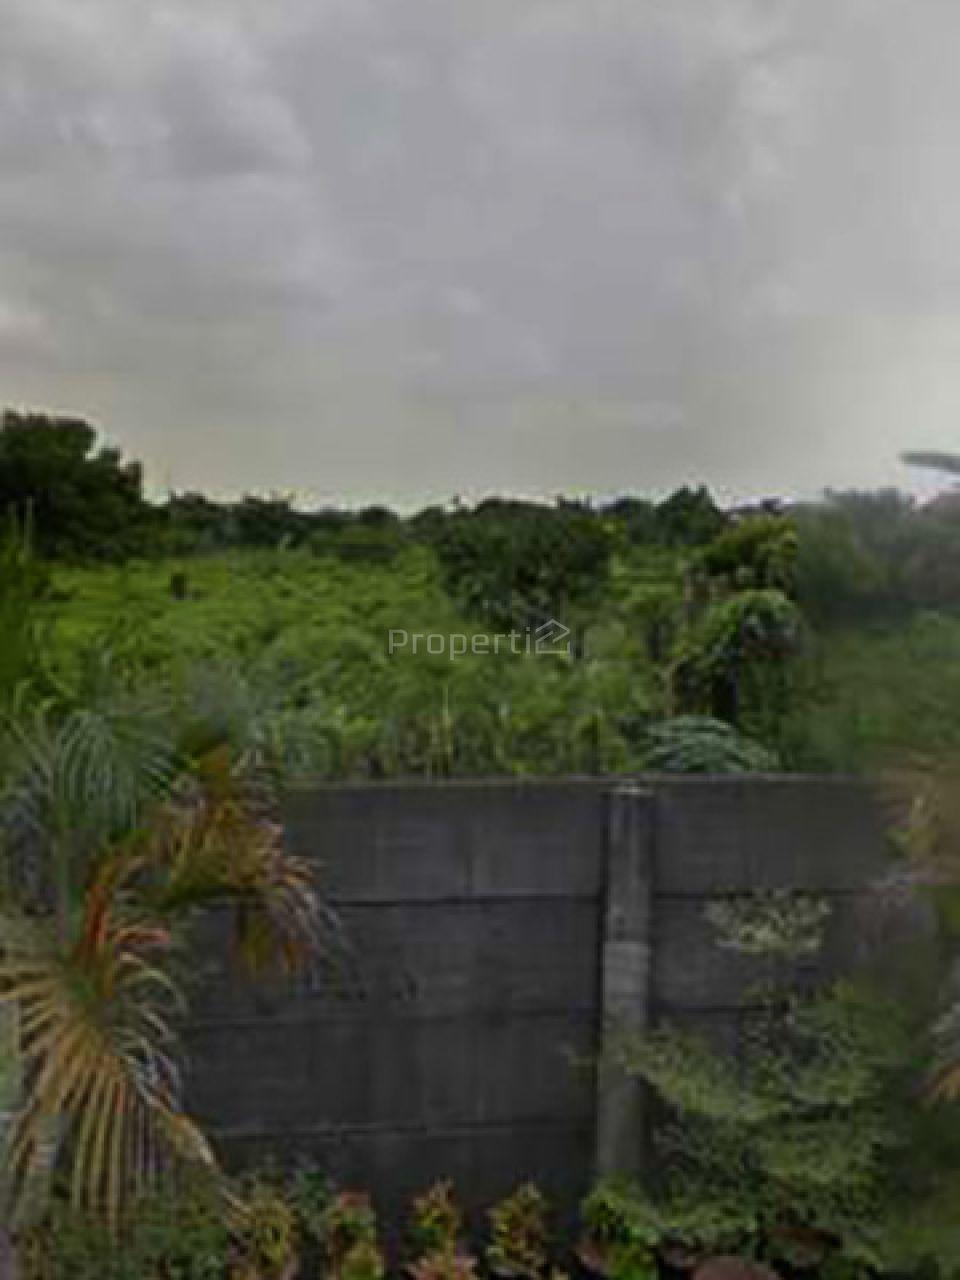 Lahan Peruntukan Perumahan di Meruya Selatan, Jakarta Barat